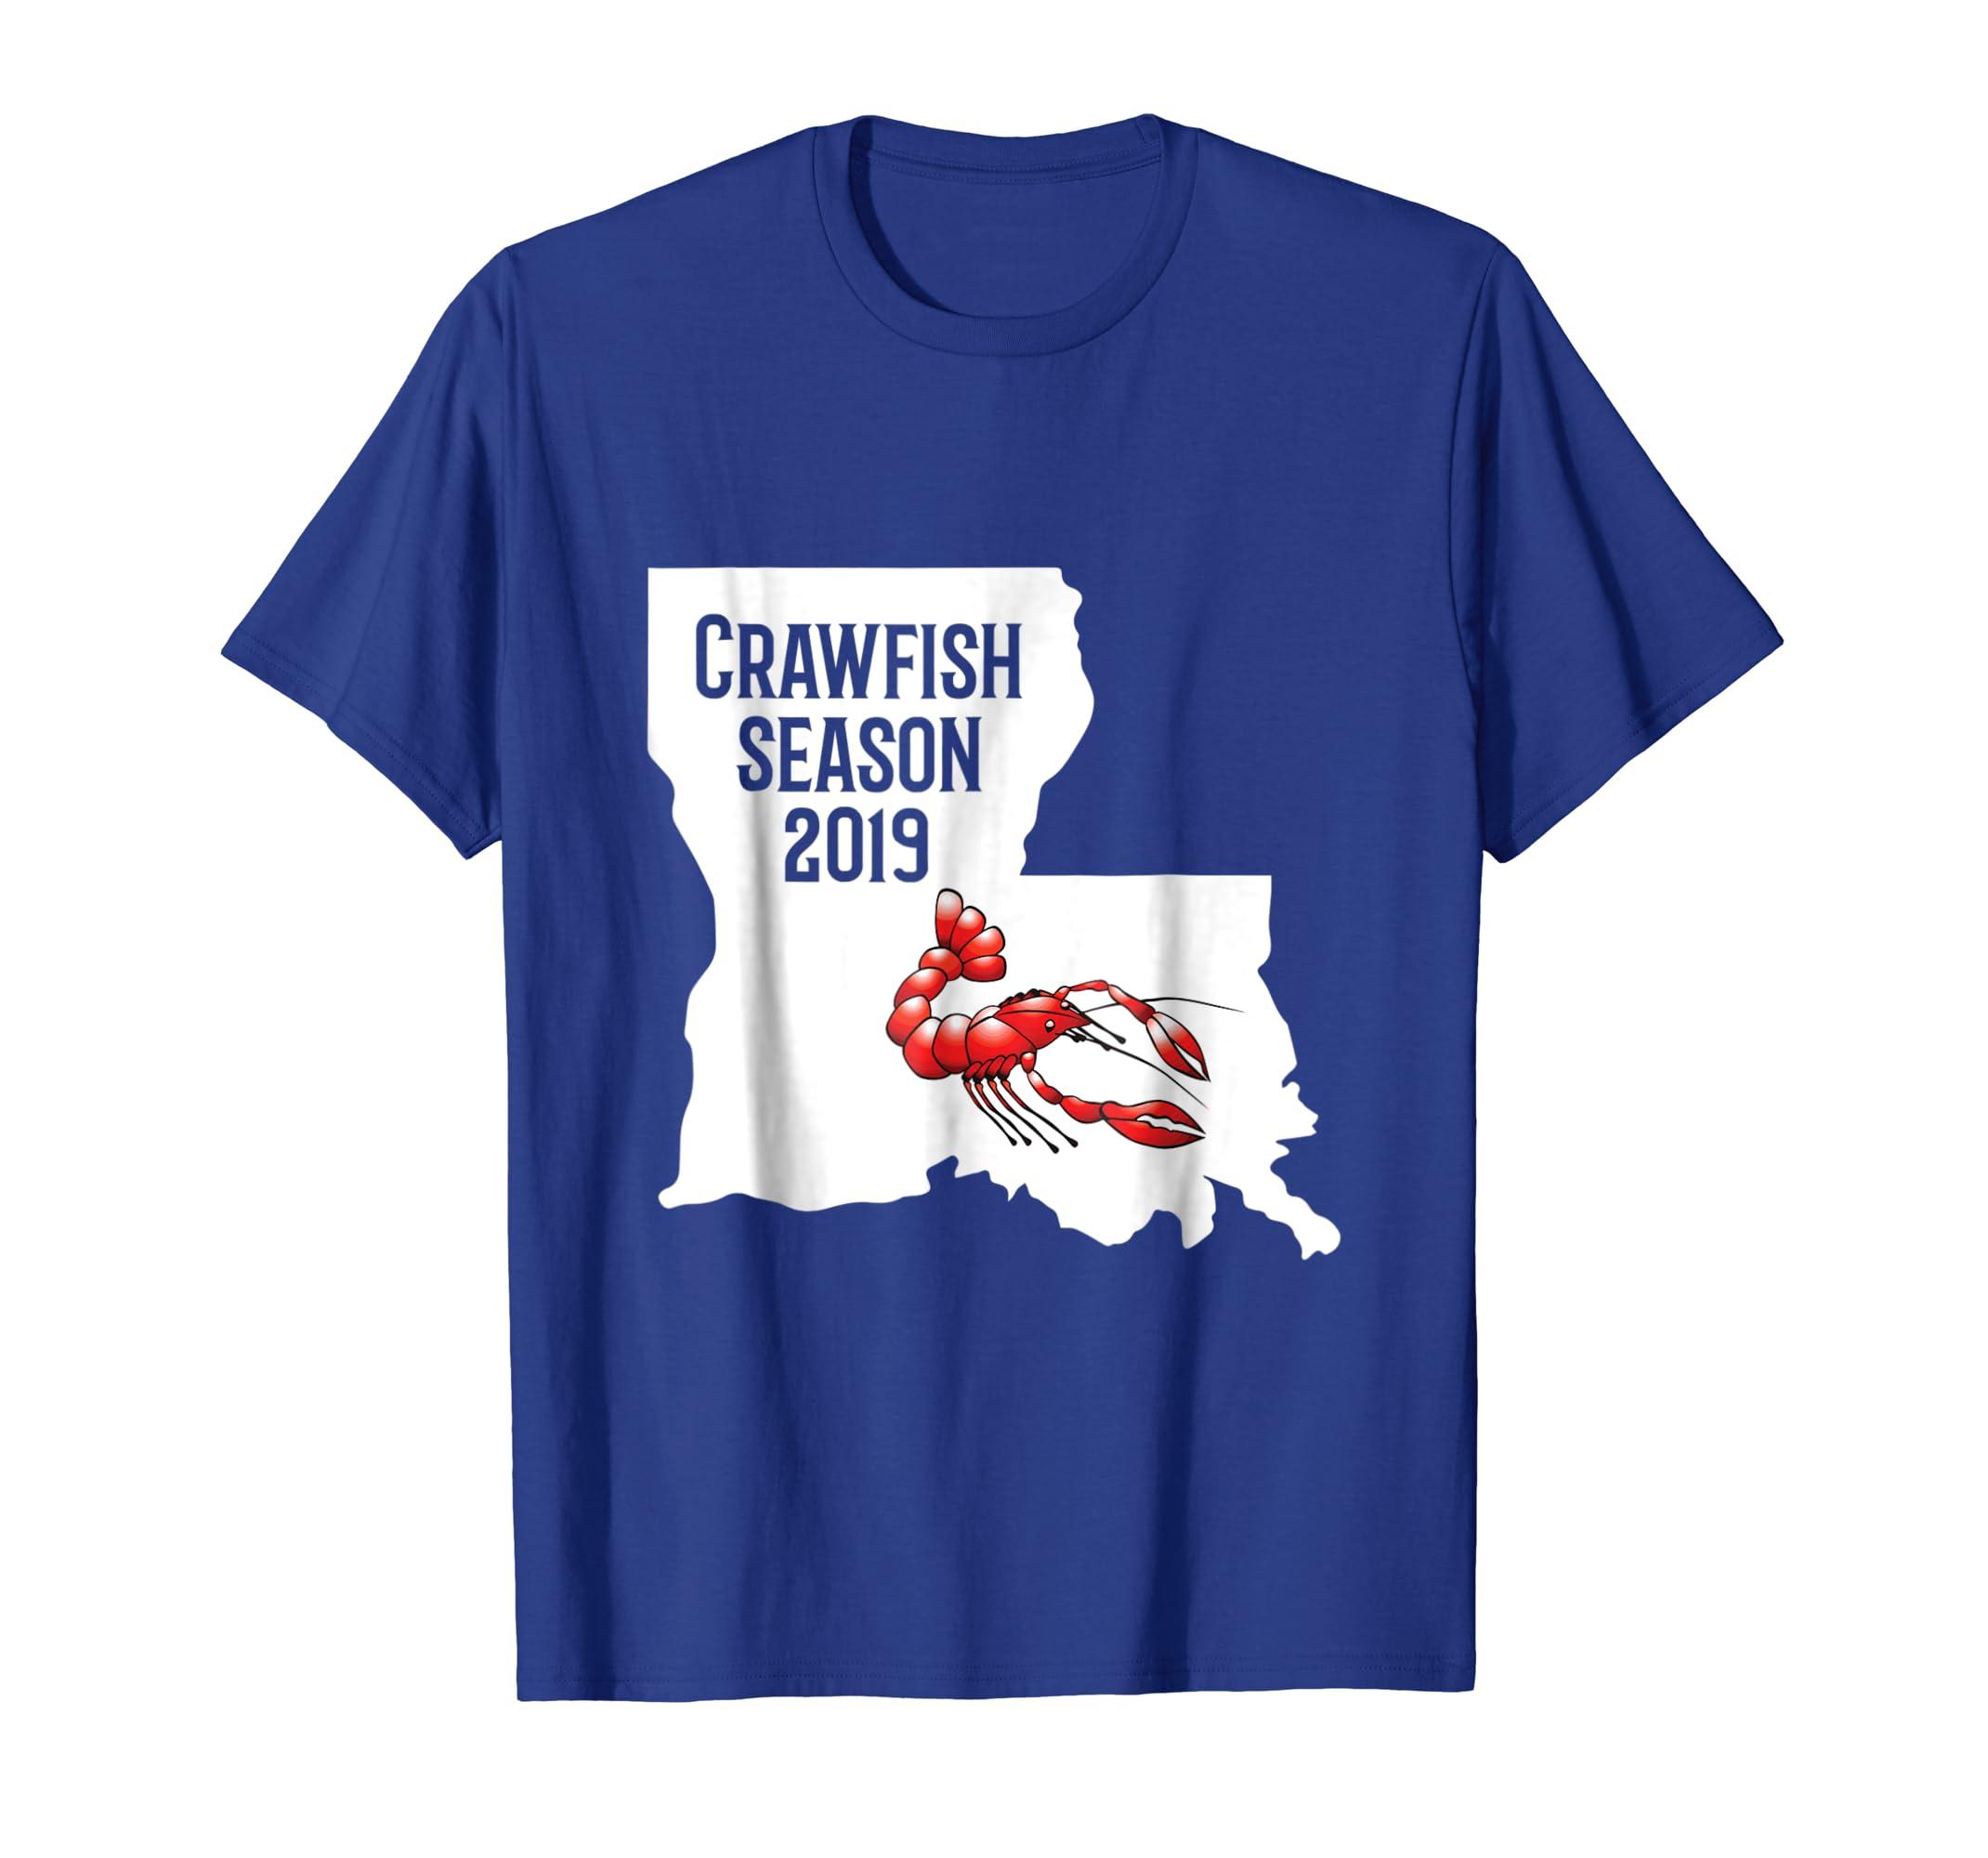 Amazon com: Crawfish Shirt Gift Crayfish Louisiana Crawfish Season